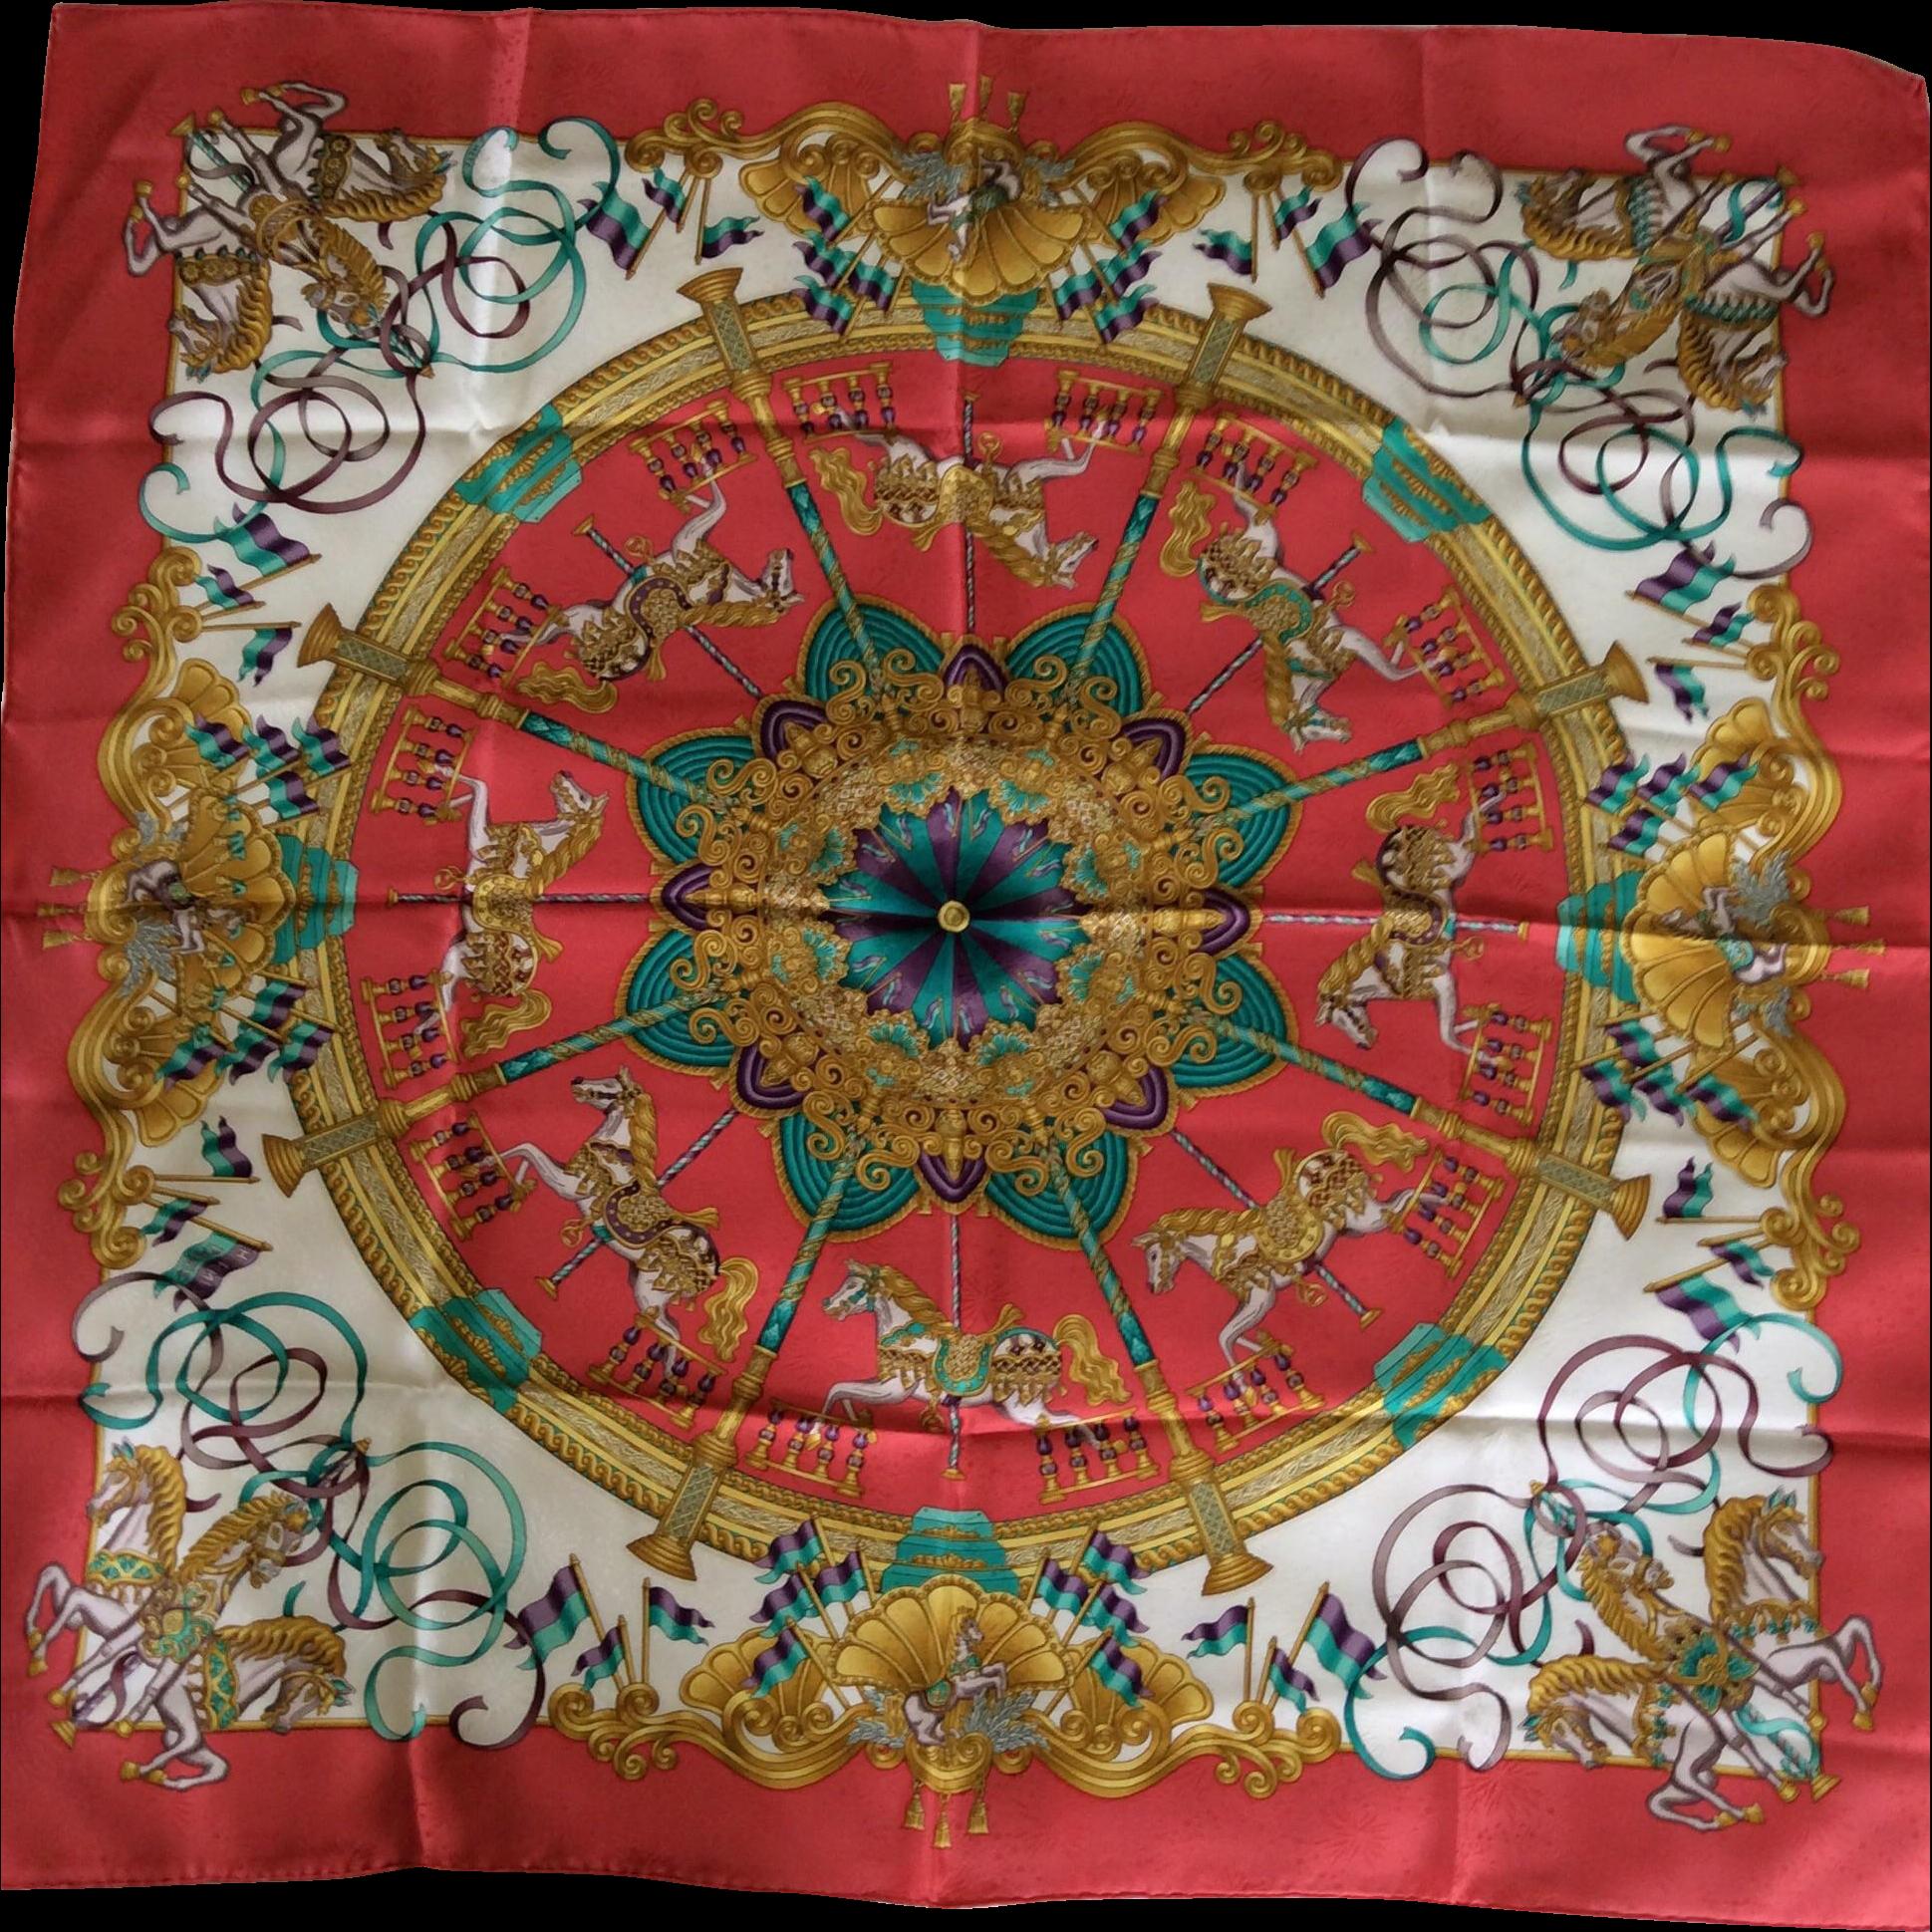 6467759c69cb Hermes Jacquard Silk Scarf  Luna Park   Silk scarves, Scarves and Silk